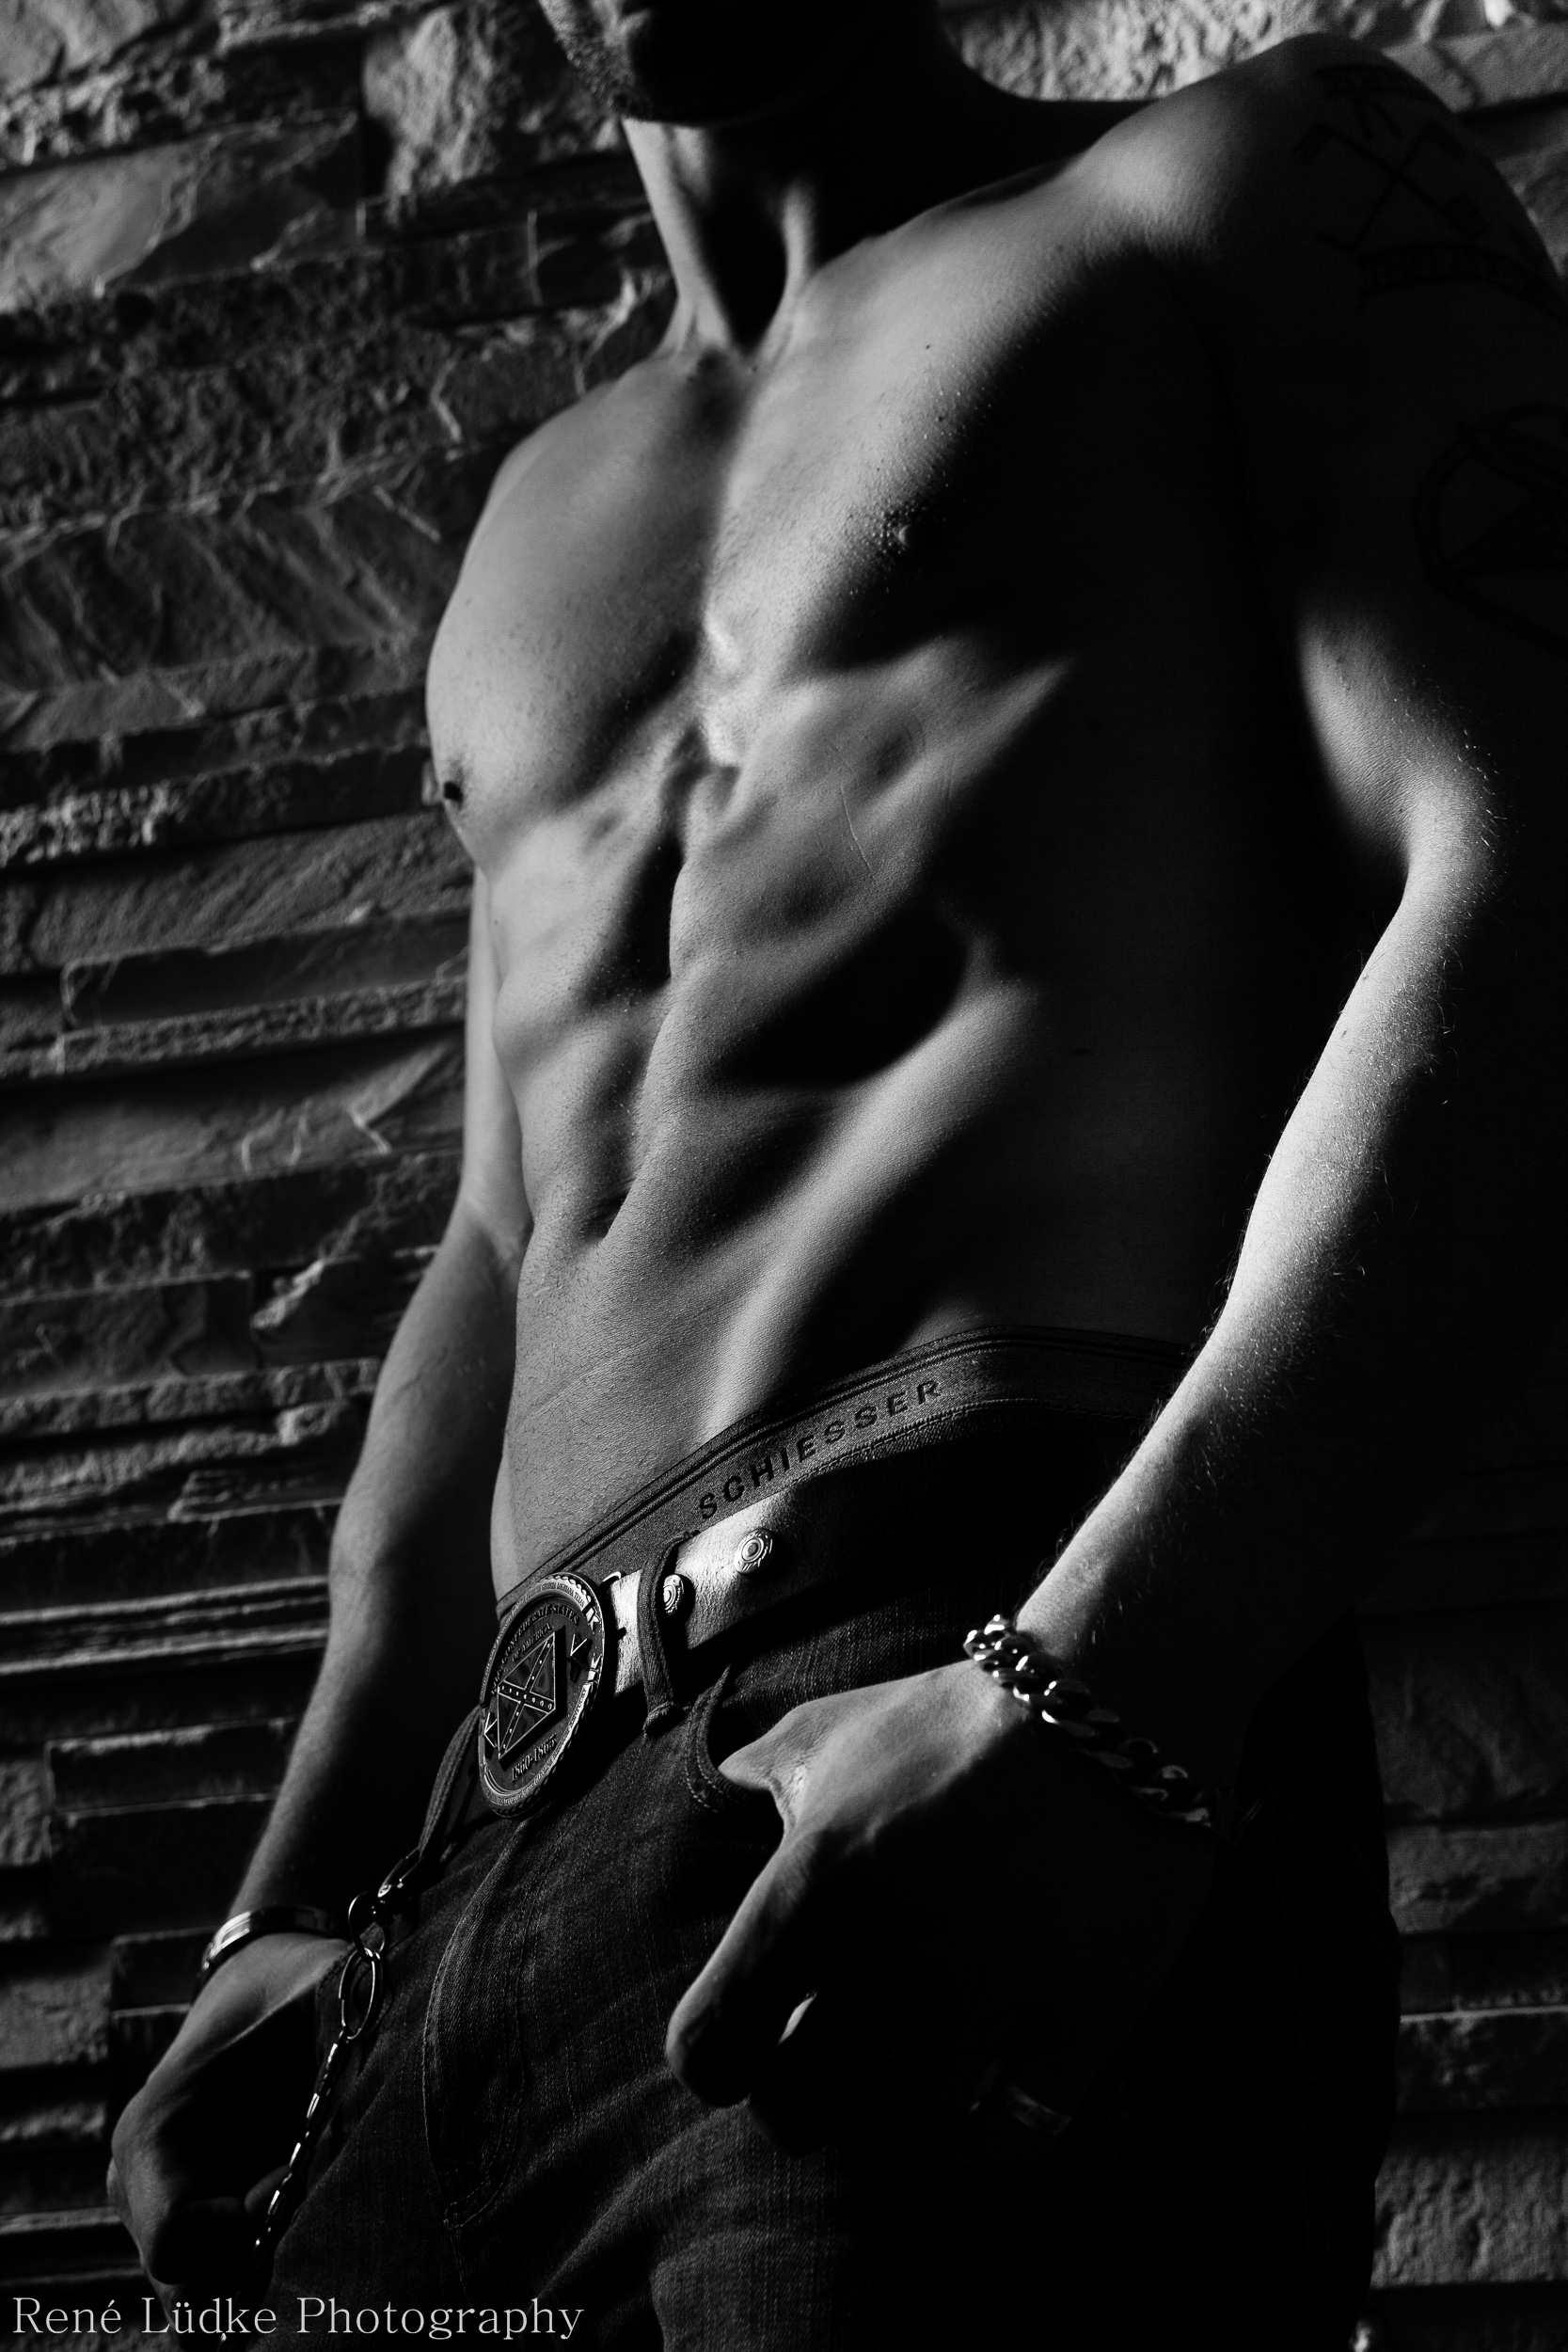 Male Model beim Fotoshooting, bei dem der Körper im Fokus steht